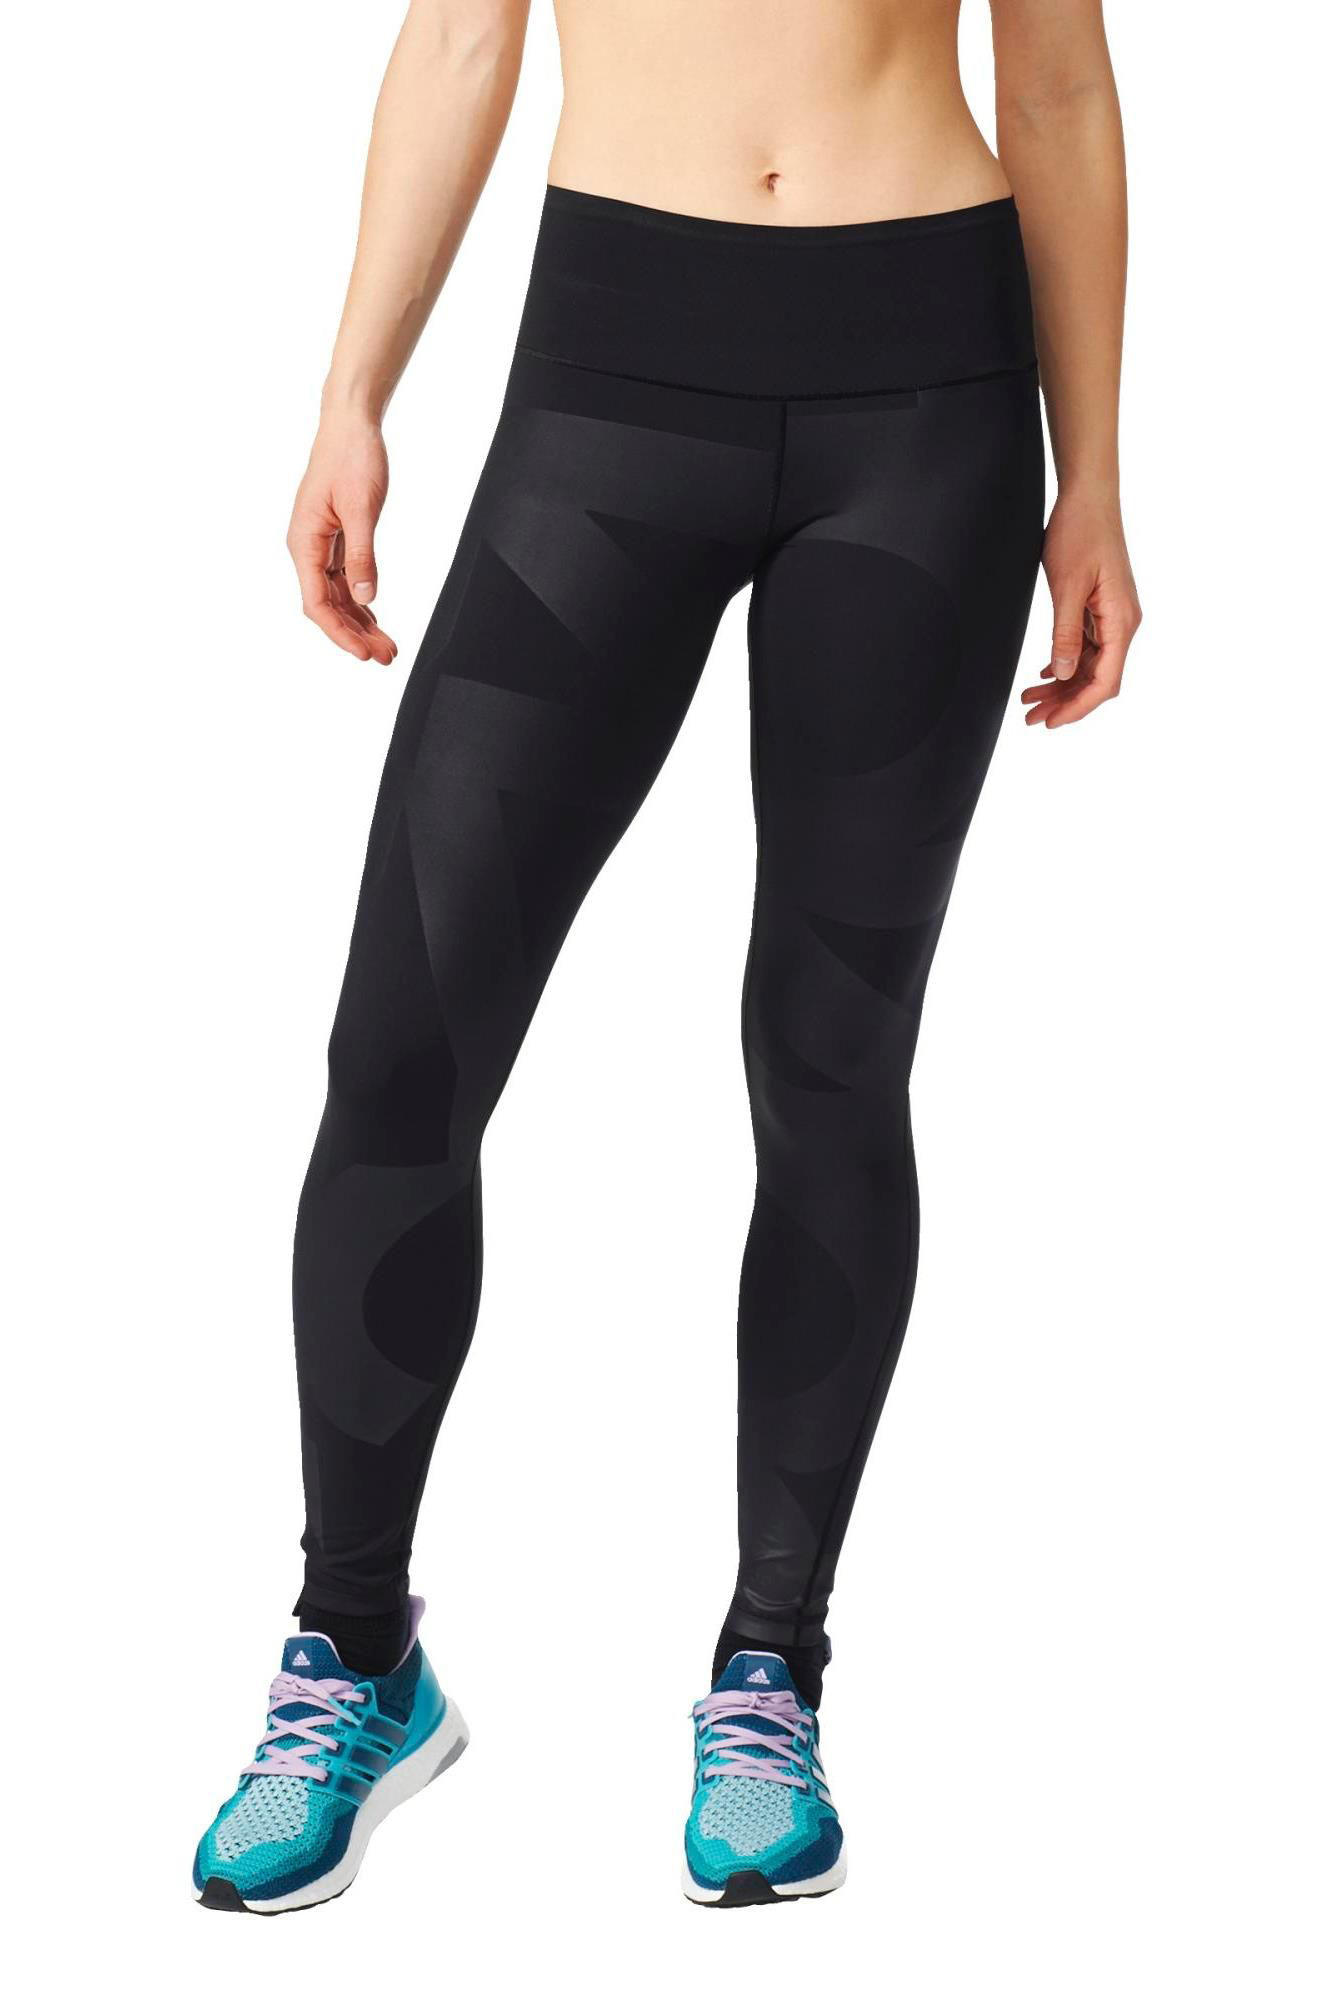 Adidas Ultimate Fit Leggings Taille Haute AI3749 Noël 5f410ea8a1a9